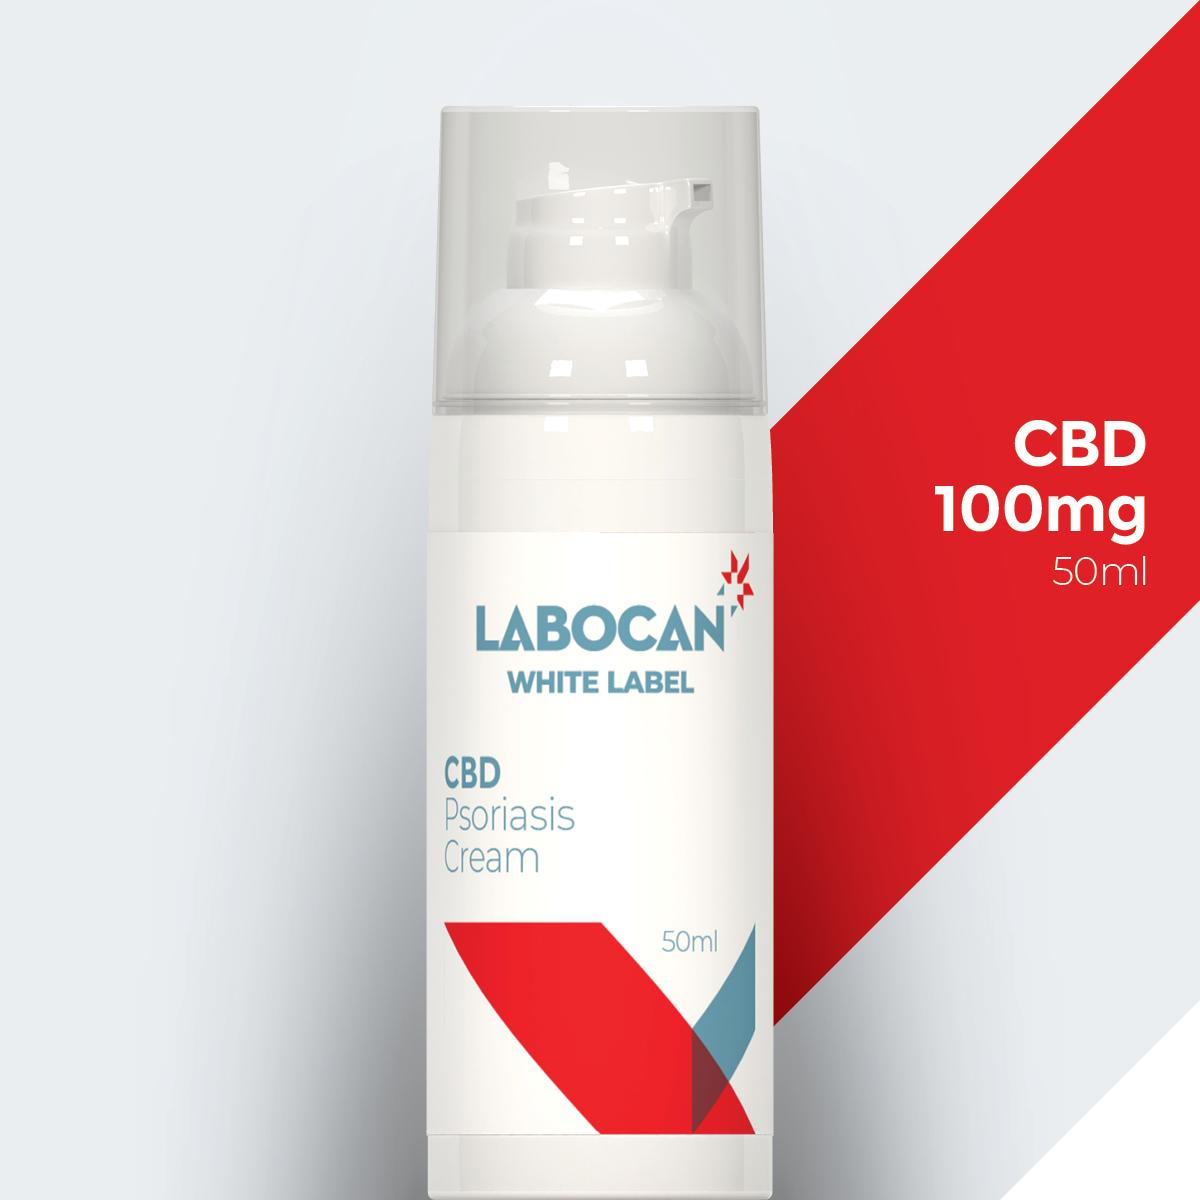 Crème contre le psoriasis au CBD de marque blanche Labocan